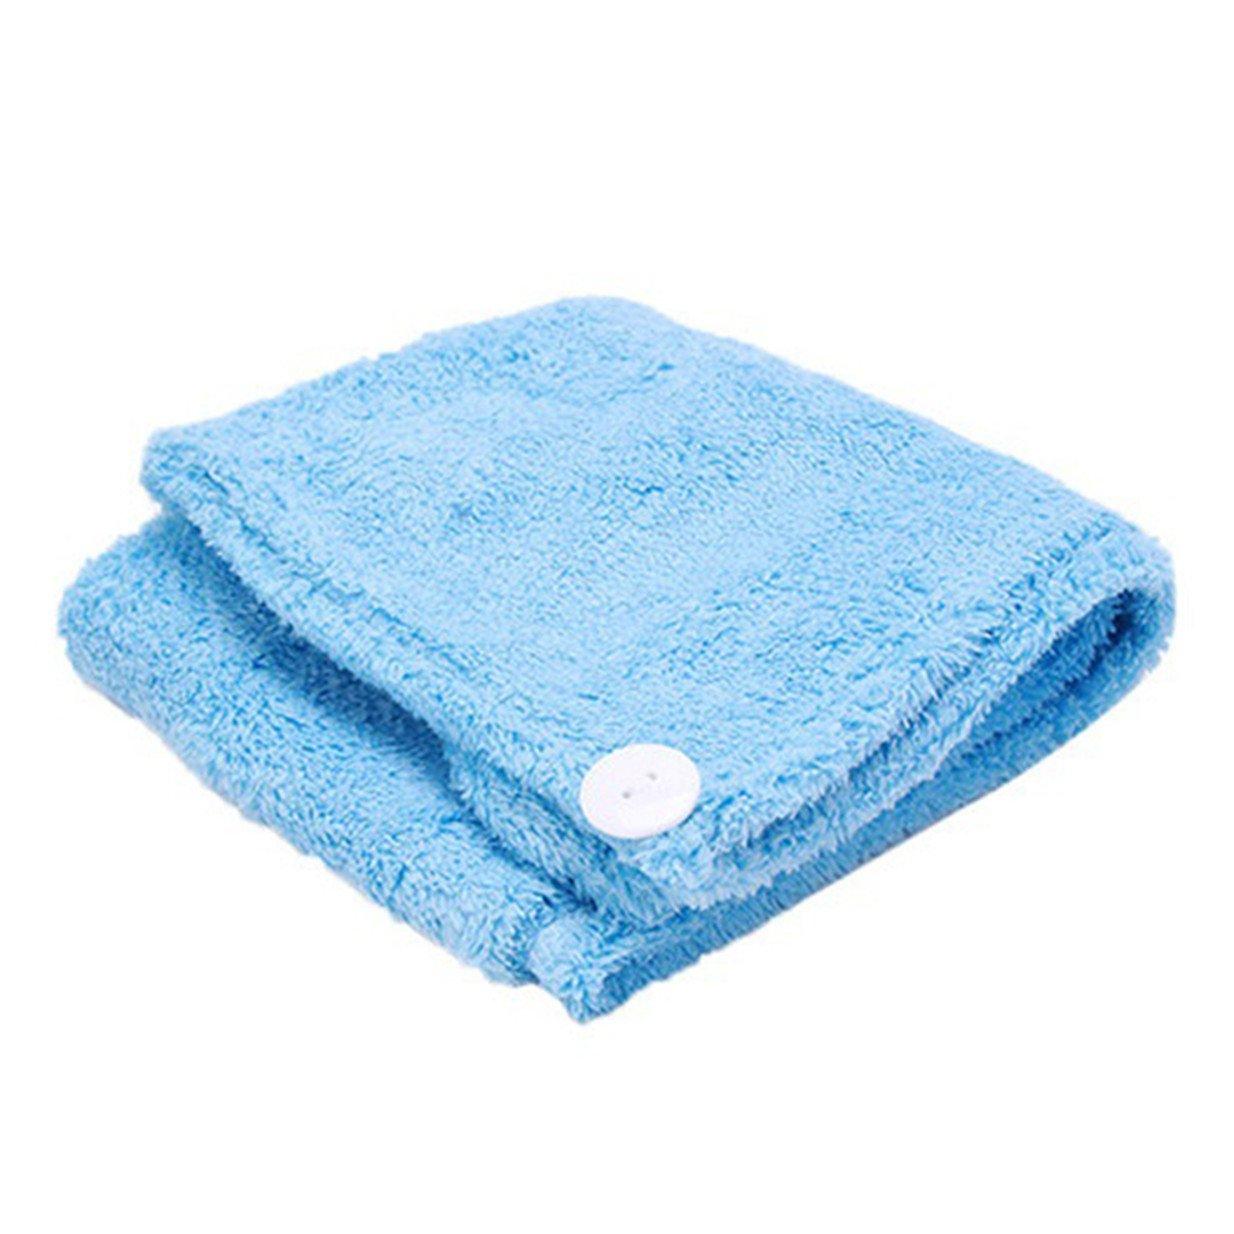 Lalang Trockene Haarkappe, Koralle Samt Superabsorbierende Schnell-trockenes Bad Haar-Tuch-Kopf-Verpackungs-Hut (Blau) 88_Store